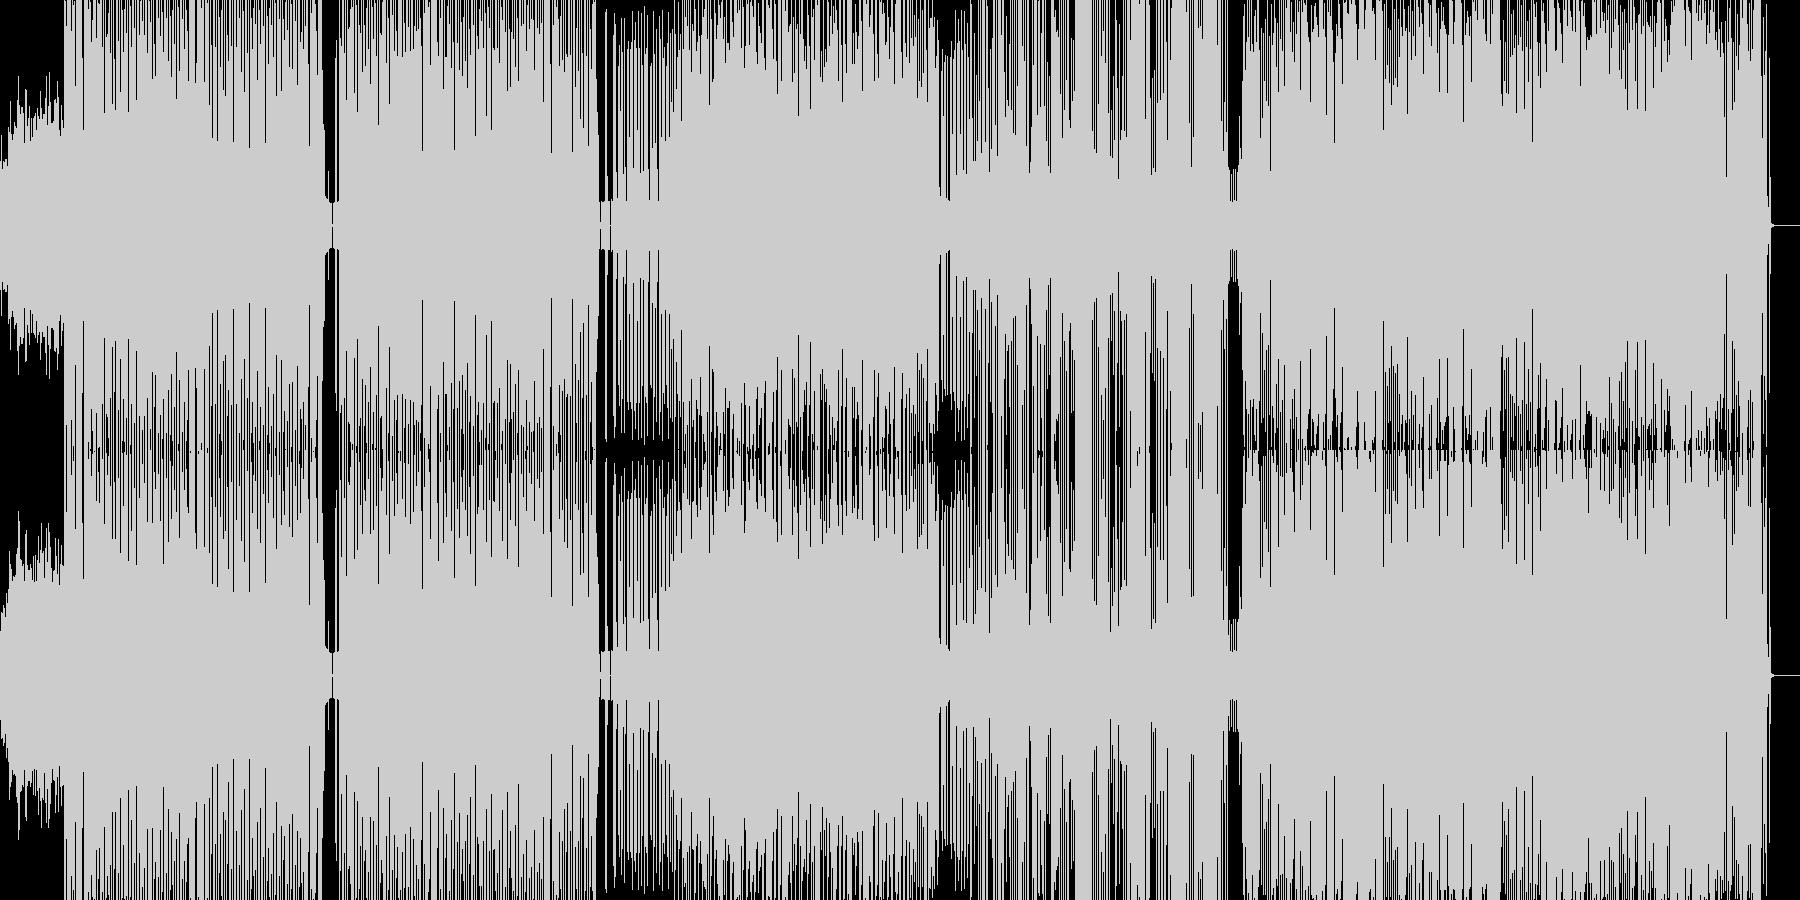 パーカッシブなディスコサウンドがあって…の未再生の波形